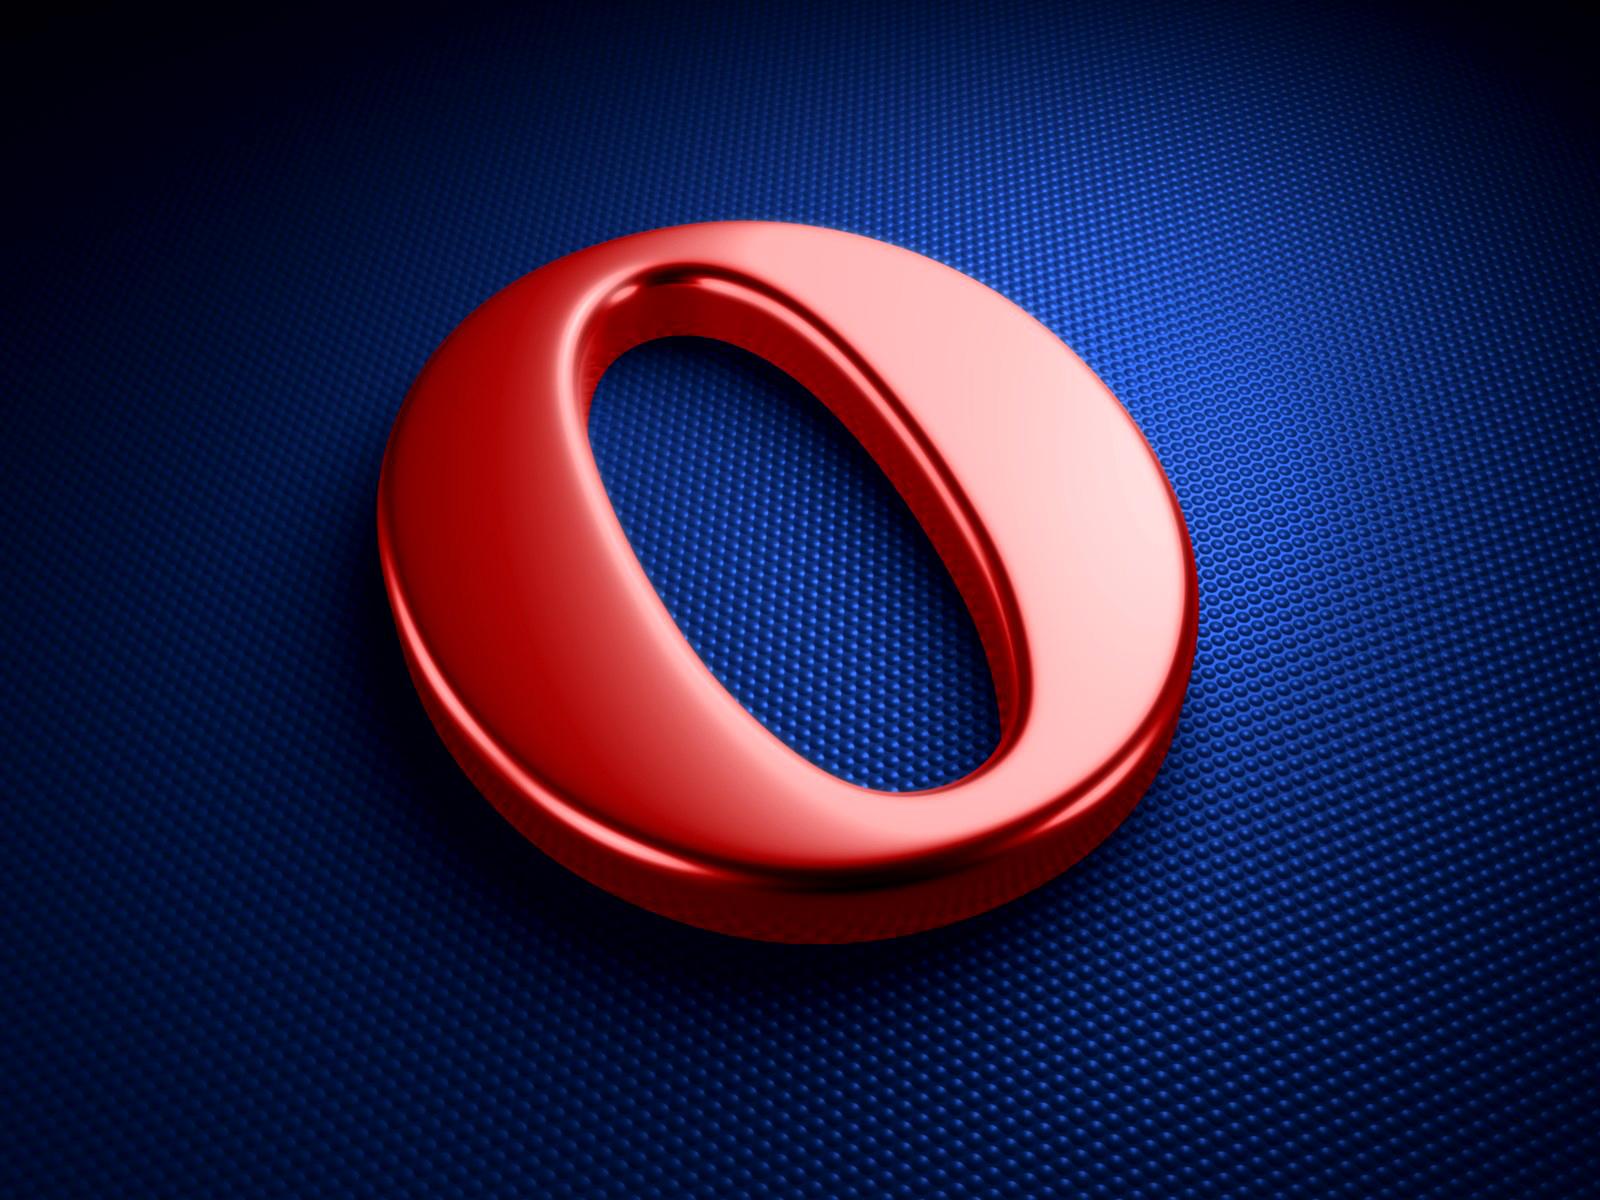 http://4.bp.blogspot.com/-sZ6ATmrN-iY/Tm-26MjcAII/AAAAAAAAC_k/avUdno5nmTU/s1600/Opera_HD_Logo_Wallpaper_Vvallpaper.Net.jpg